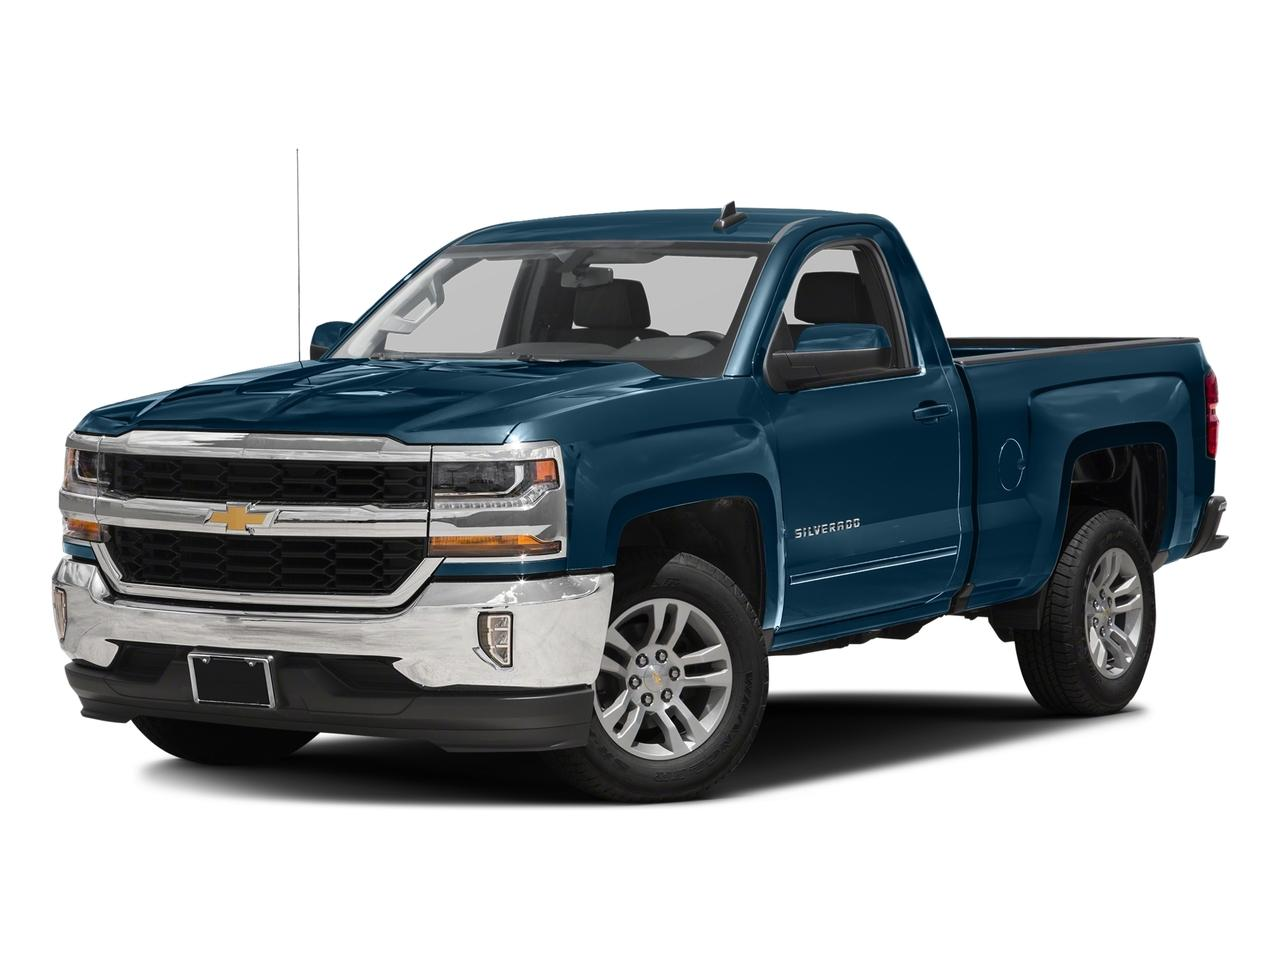 2016 Chevrolet Silverado 1500 Vehicle Photo in VINCENNES, IN 47591-5519